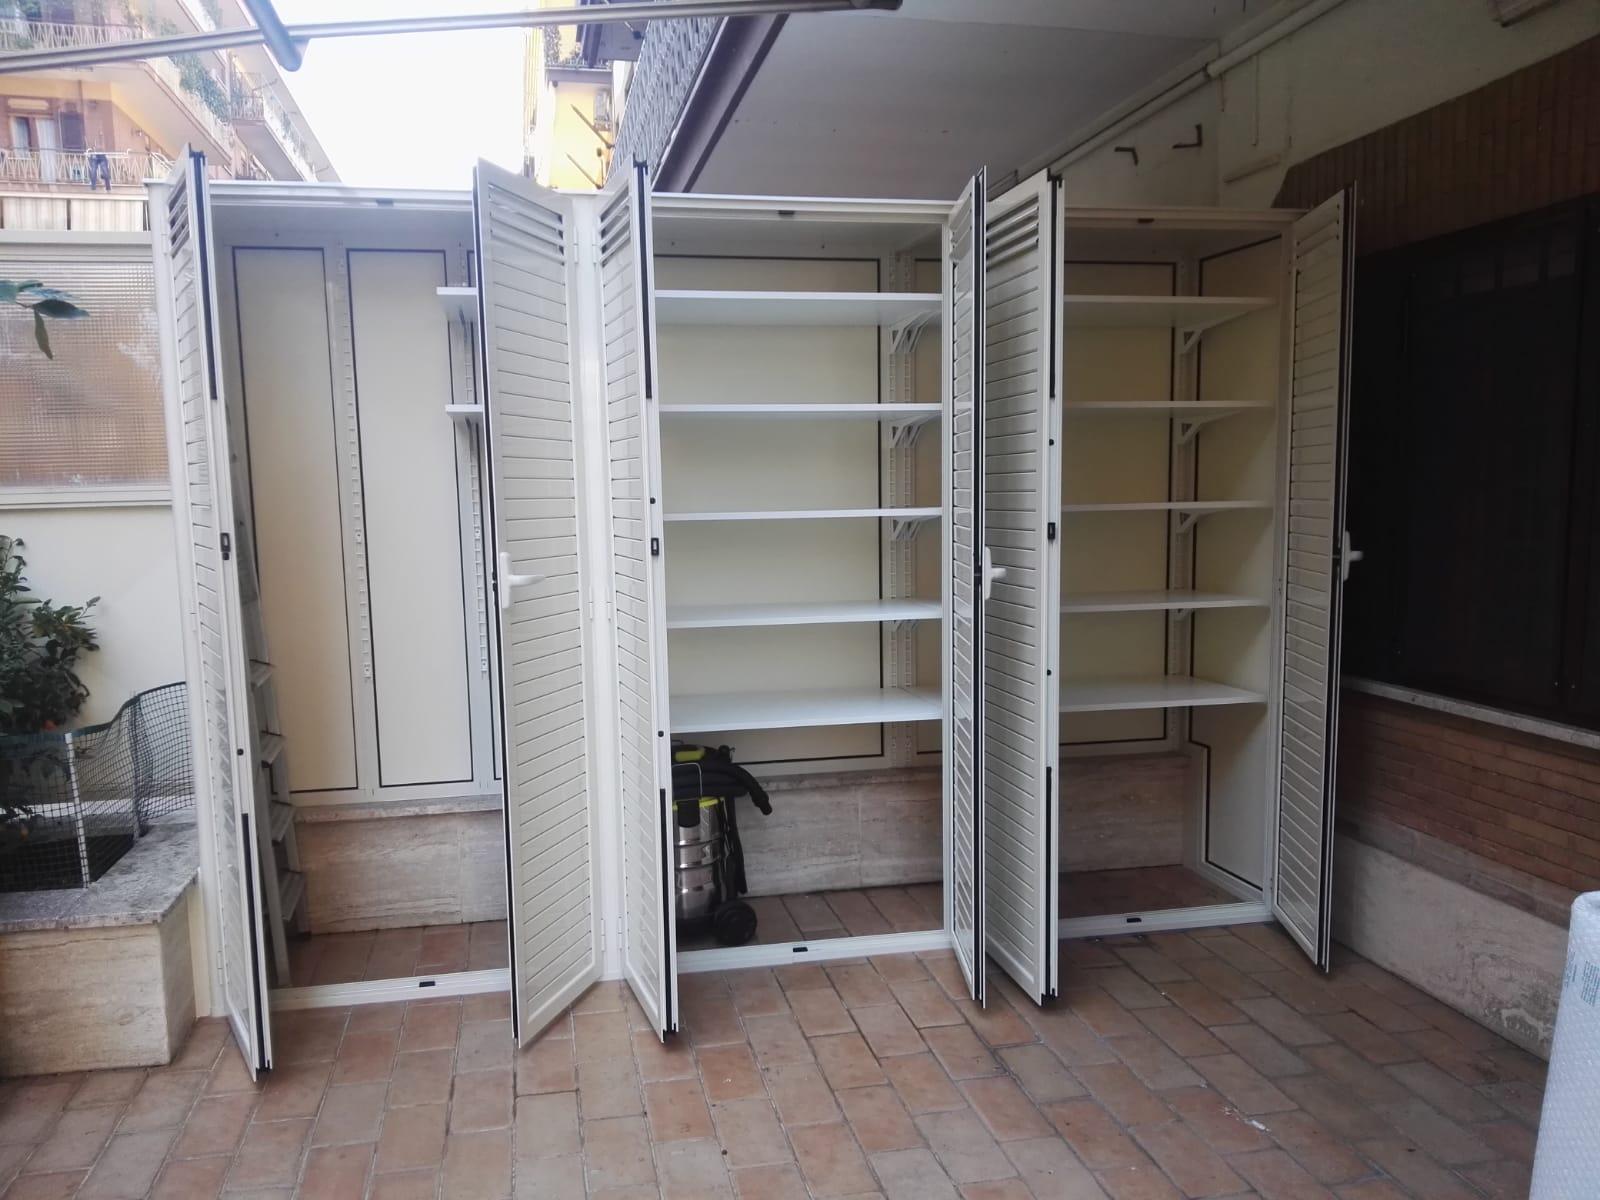 Fotografia di un armadio in alluminio avorio Ral 1013 a doghe chiuse e in parte aperte a 6 ante a uso ripostiglio (aperto).